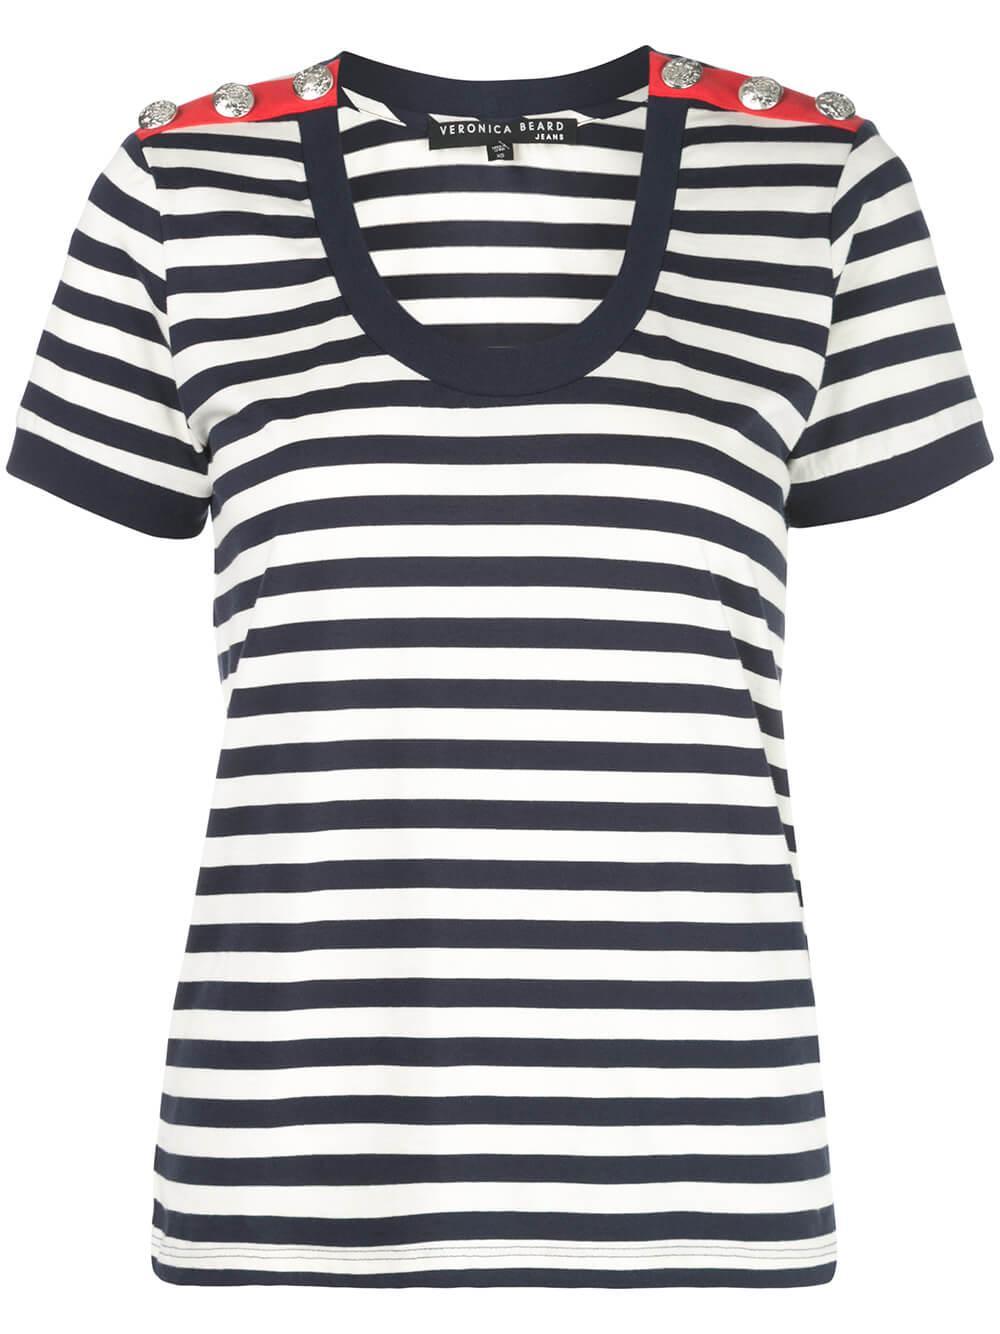 Leoni Short Sleeve Stripe U- Neck Tee Item # J2001JY0330522